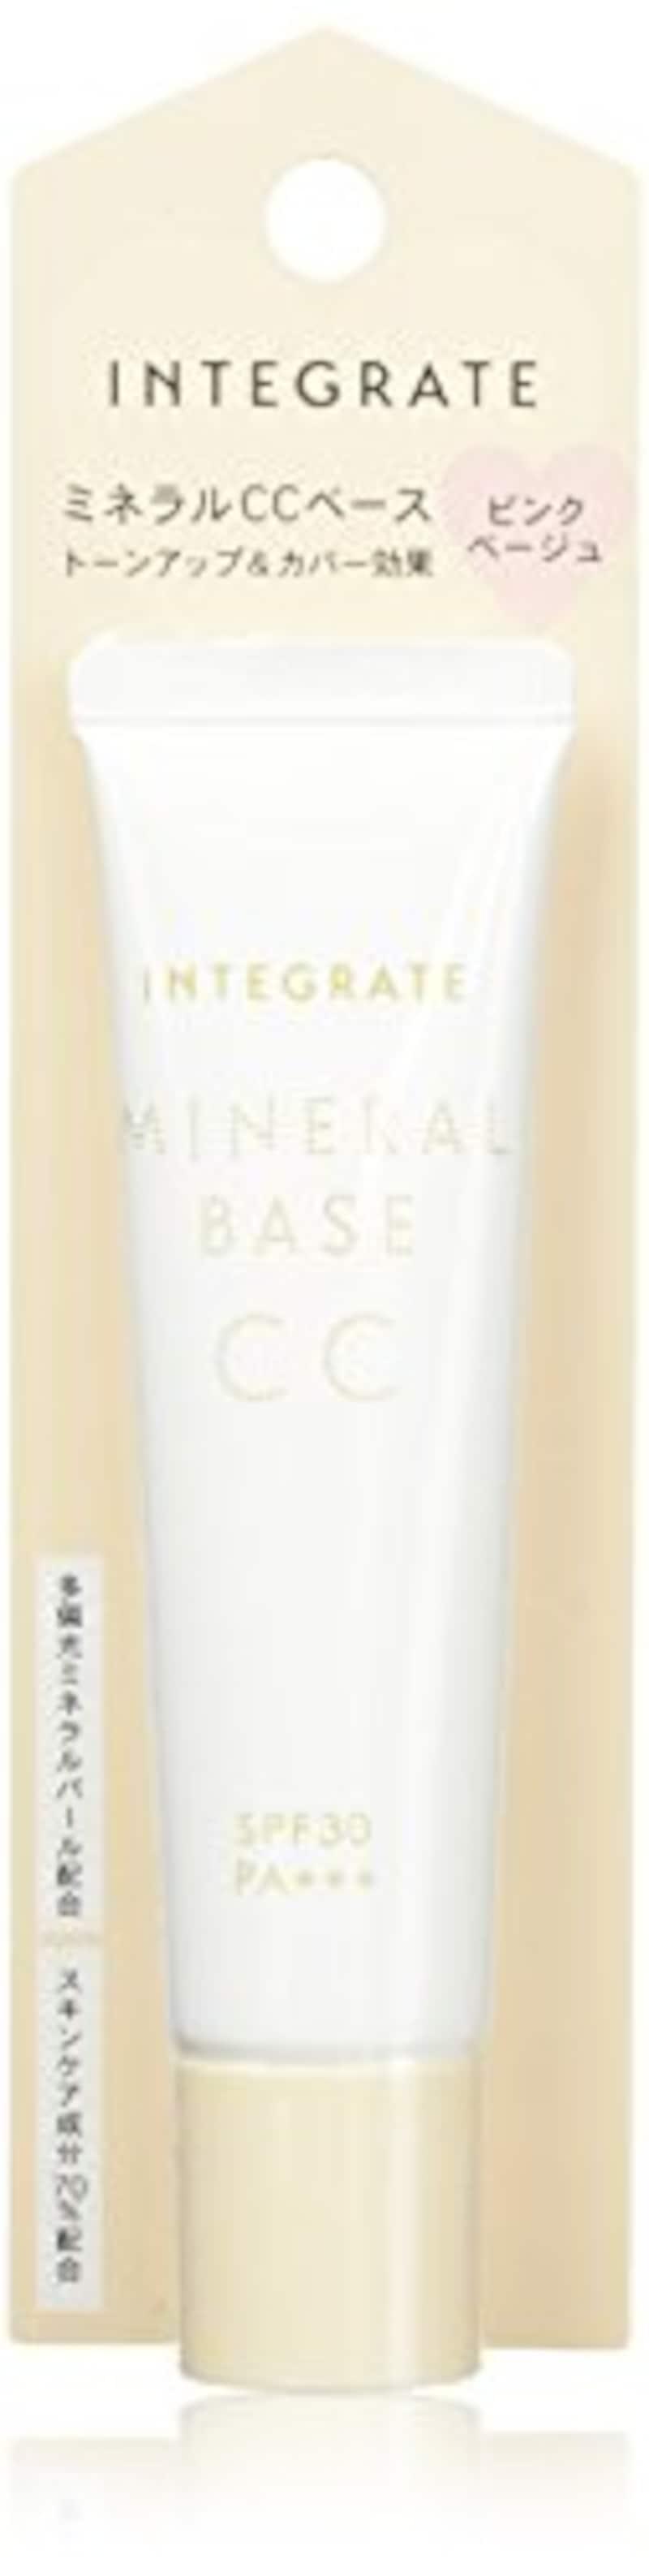 INTEGRATE(インテグレート),ミネラルベース CC SPF30・PA+++